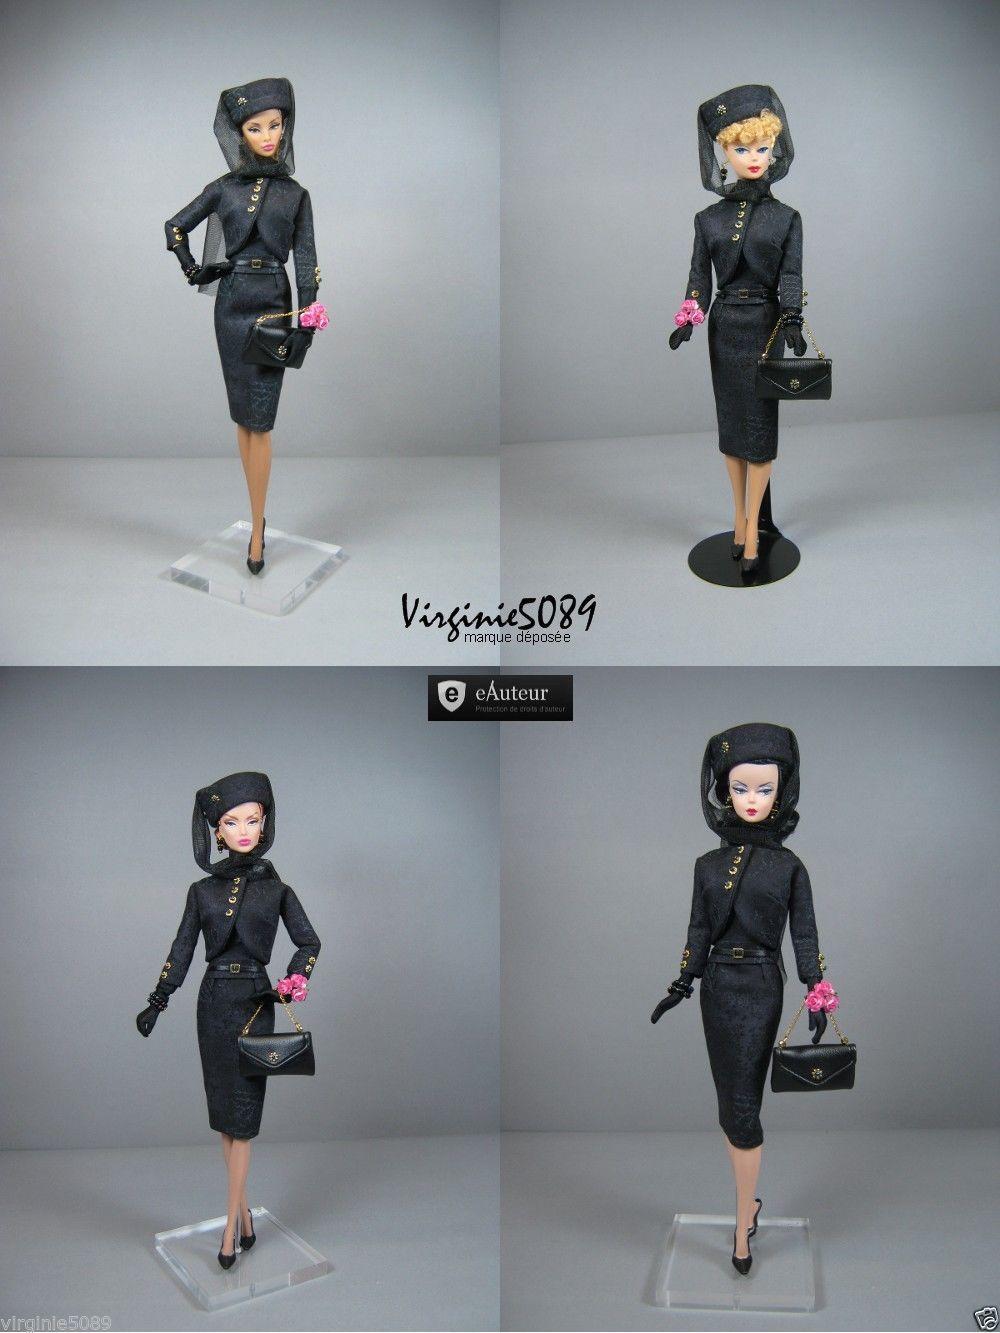 Tenue Outfit Accessoires Pour Fashion Royalty Barbie Silkstone Vintage 1400   eBay